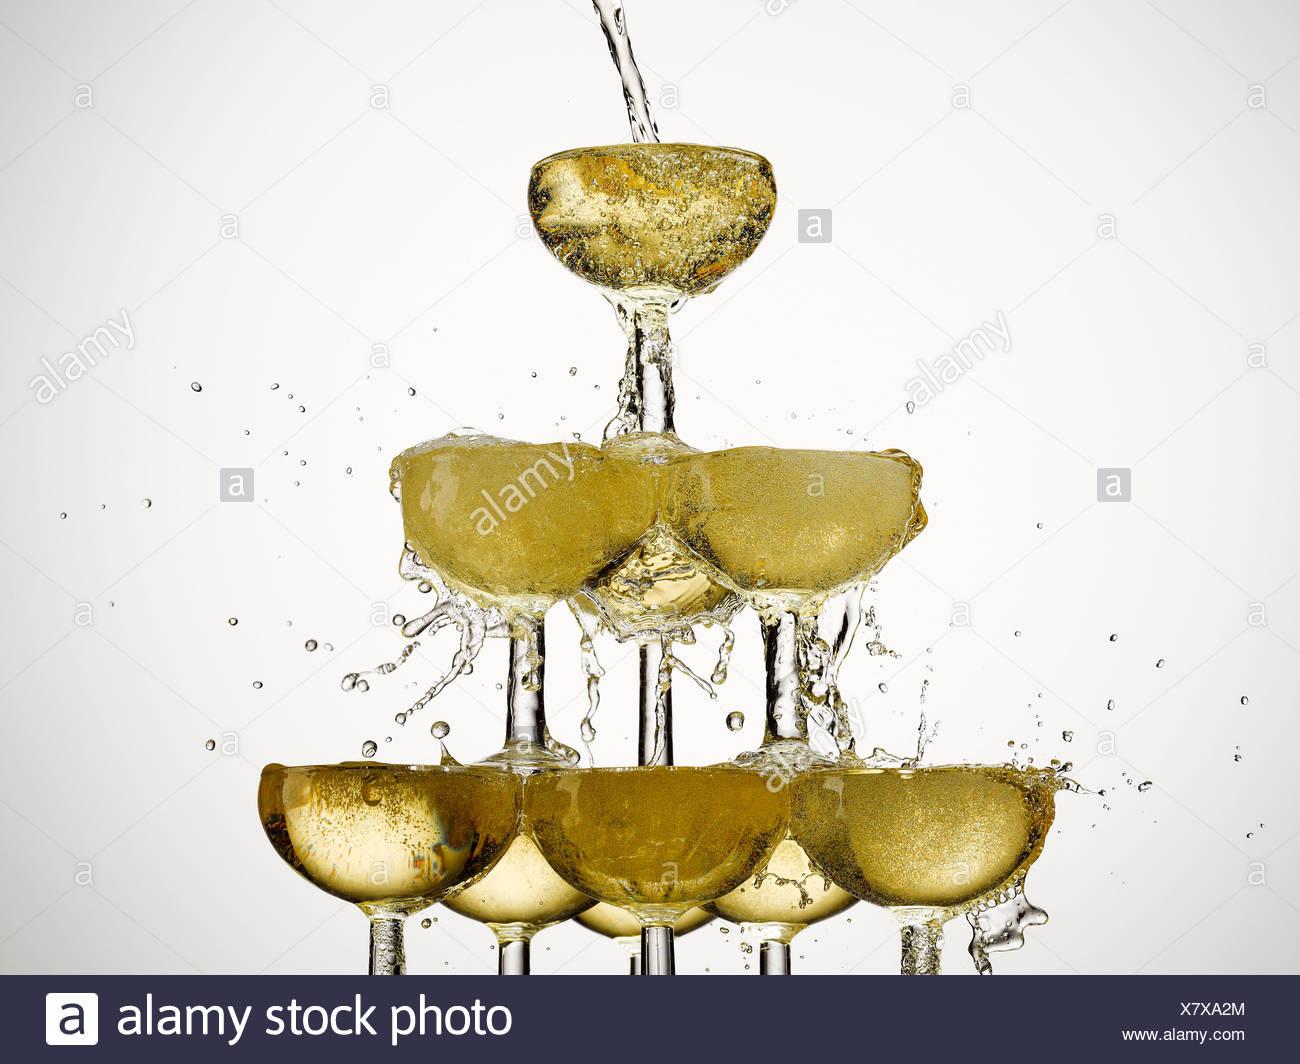 Abundancia,fiesta,champán, vaso de champán,color image,concepto,energía,exceso,exuberancia,relleno de espuma,,comida y Imagen De Stock